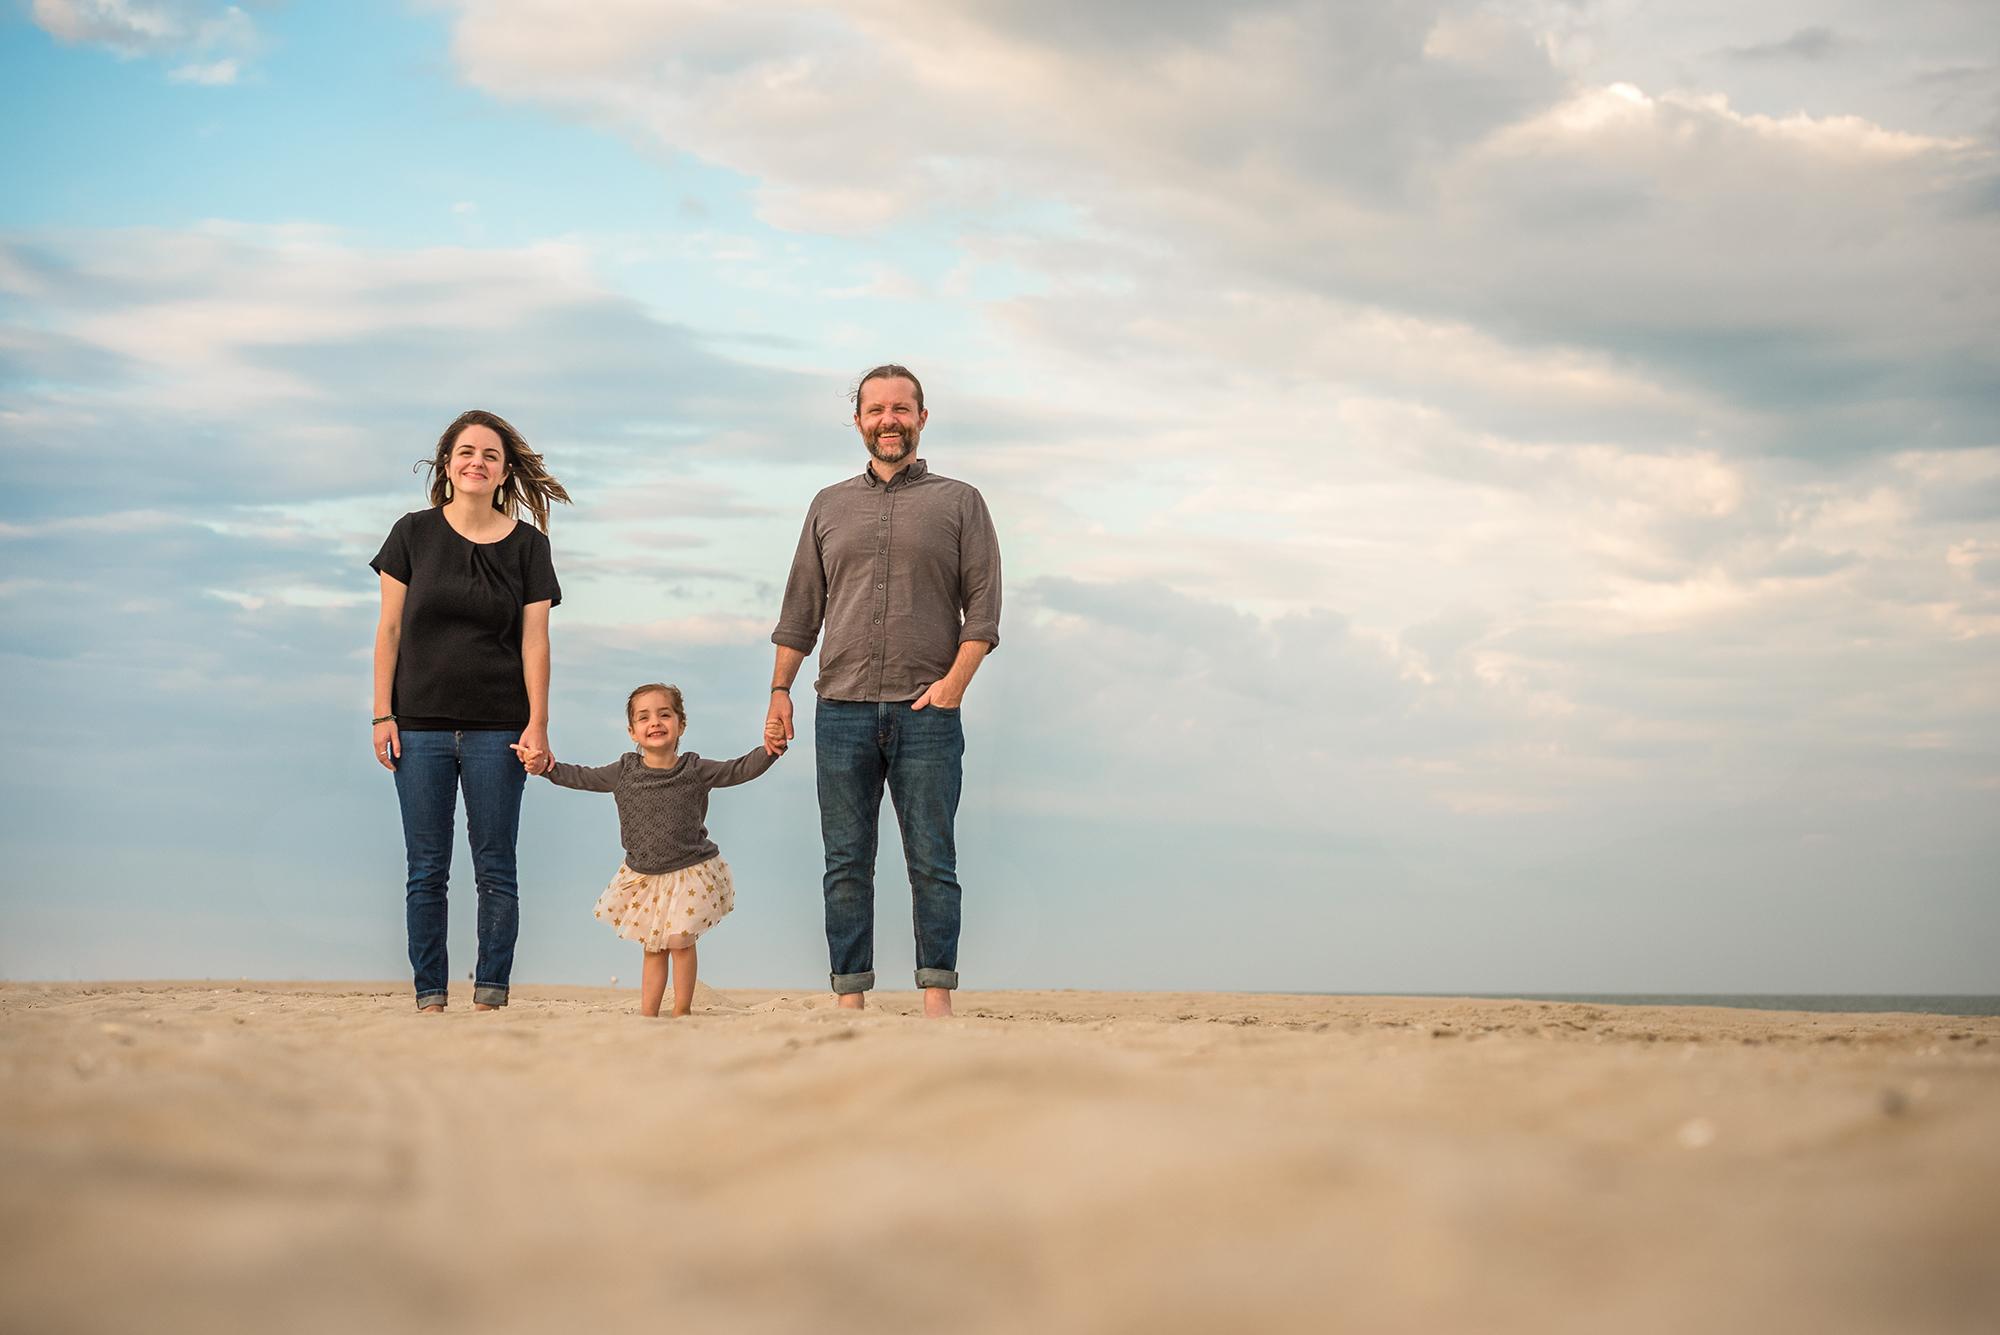 Long Beach Island Family Photos